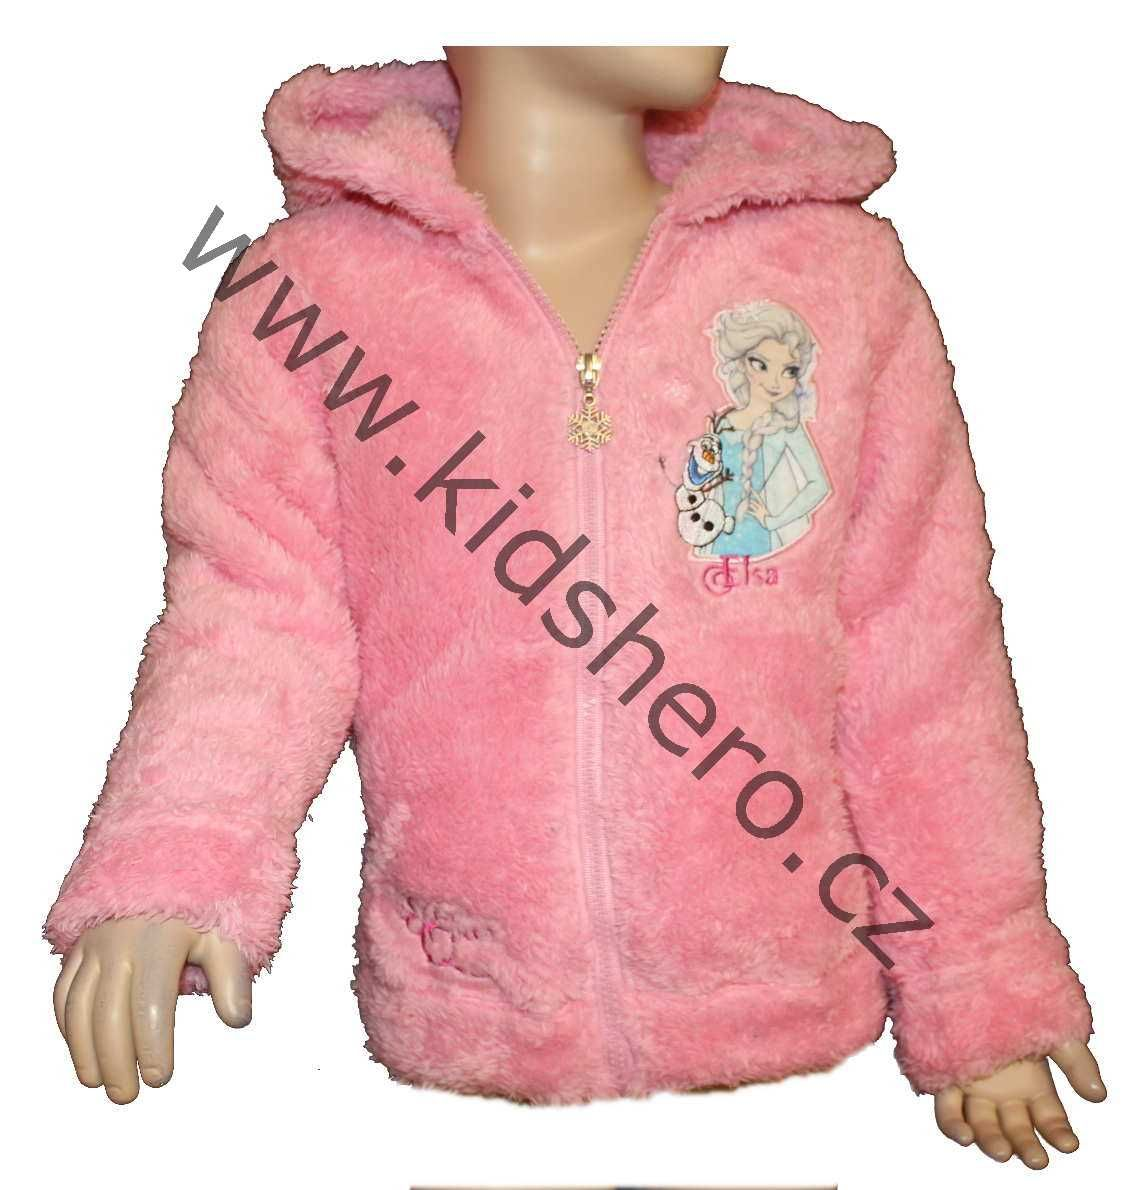 Dětská mikina FROZEN licenční dívčí mikina, chlupatá mikina, dívčí chlupatka, mikina Frozen Disney